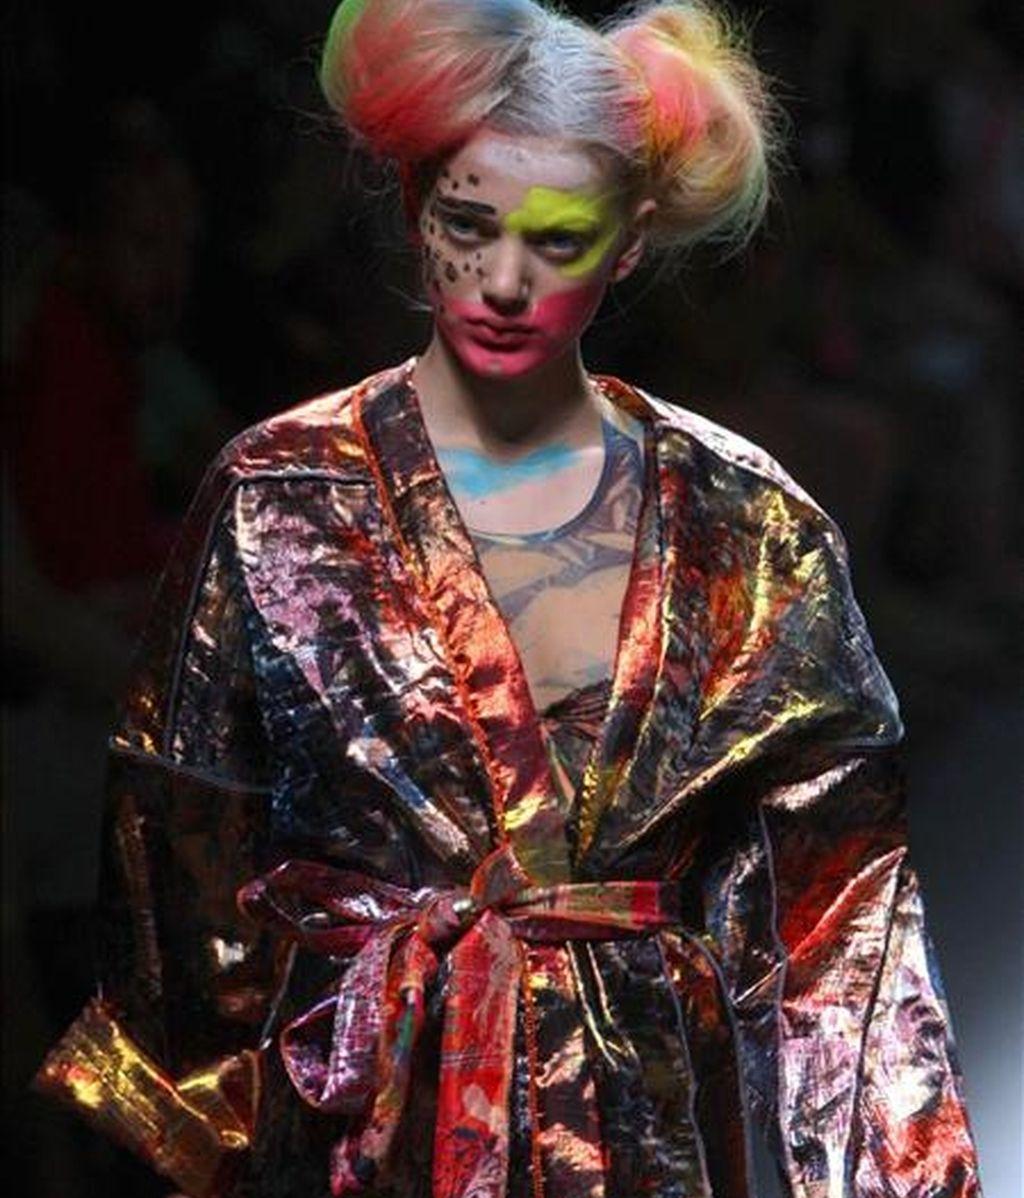 Una modelo luce una de las creaciones del diseñador Alexis Reyna durante su desfile en la sexta edición del 080 Barcelona Fashion. EFE